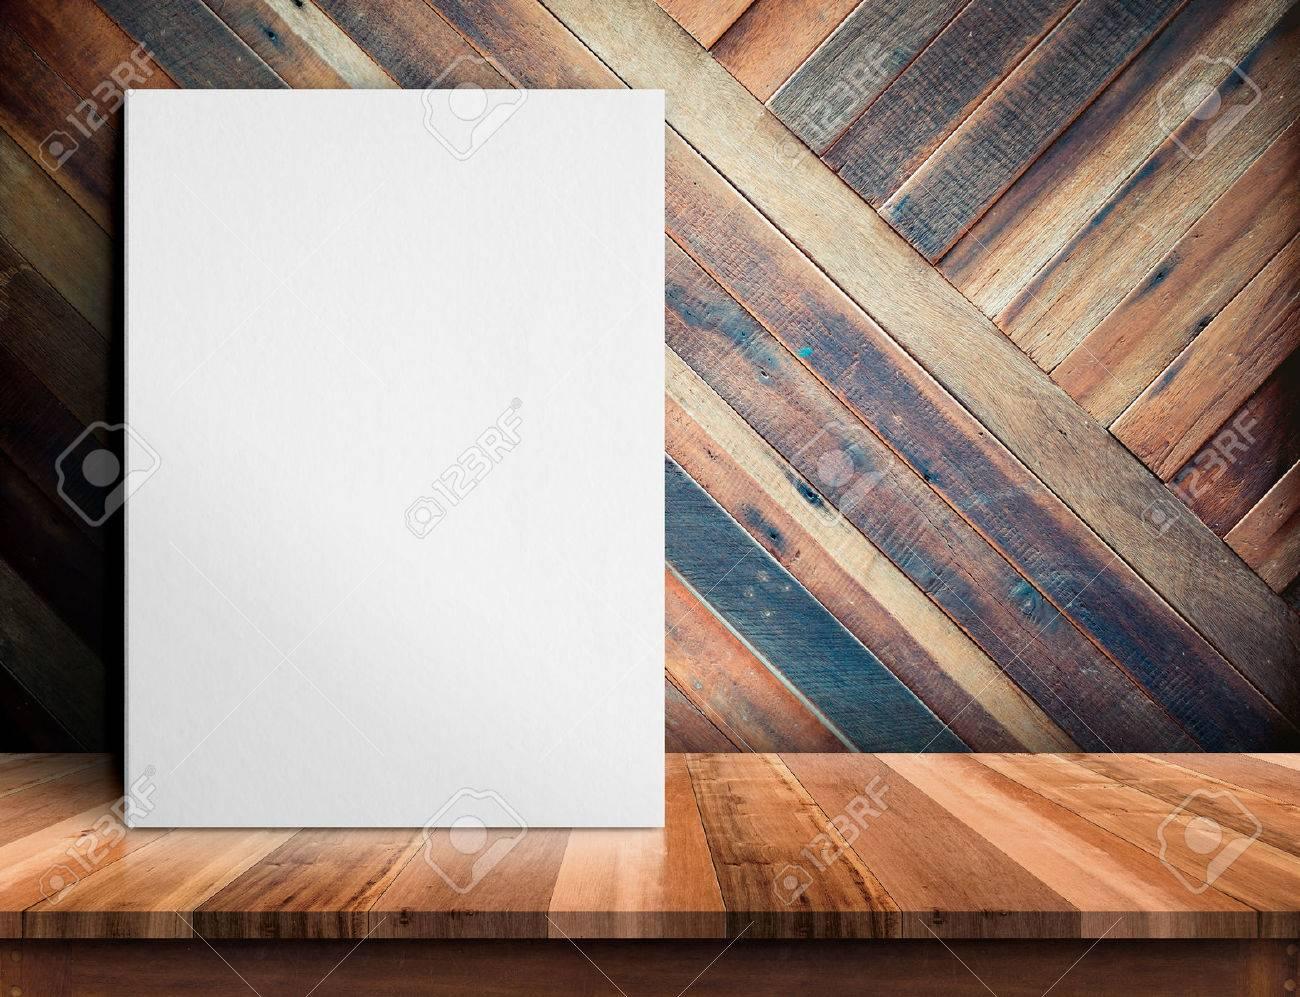 Affiche En Blanc Sur La Table En Bois Sur Le Mur De Planche De